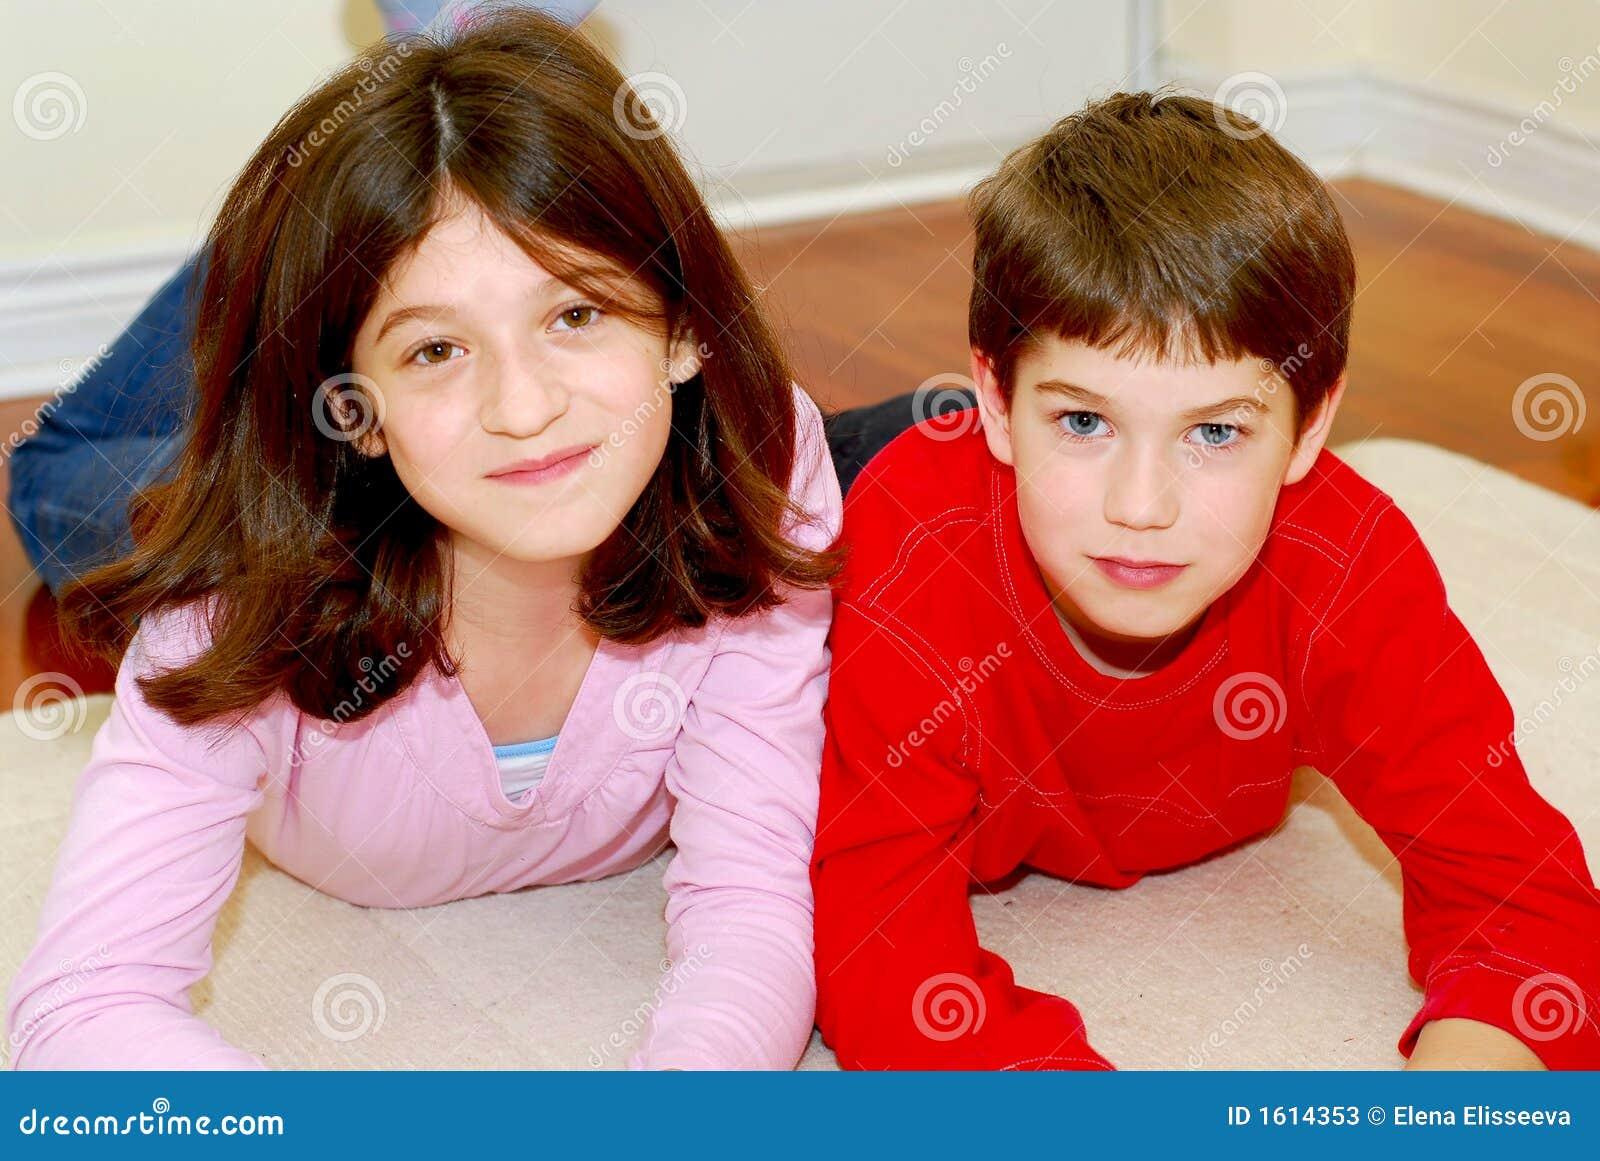 Сестра просит брата трахнуть её в жопу, Брат зашёл к сестре))) смотреть онлайн видео брат 26 фотография